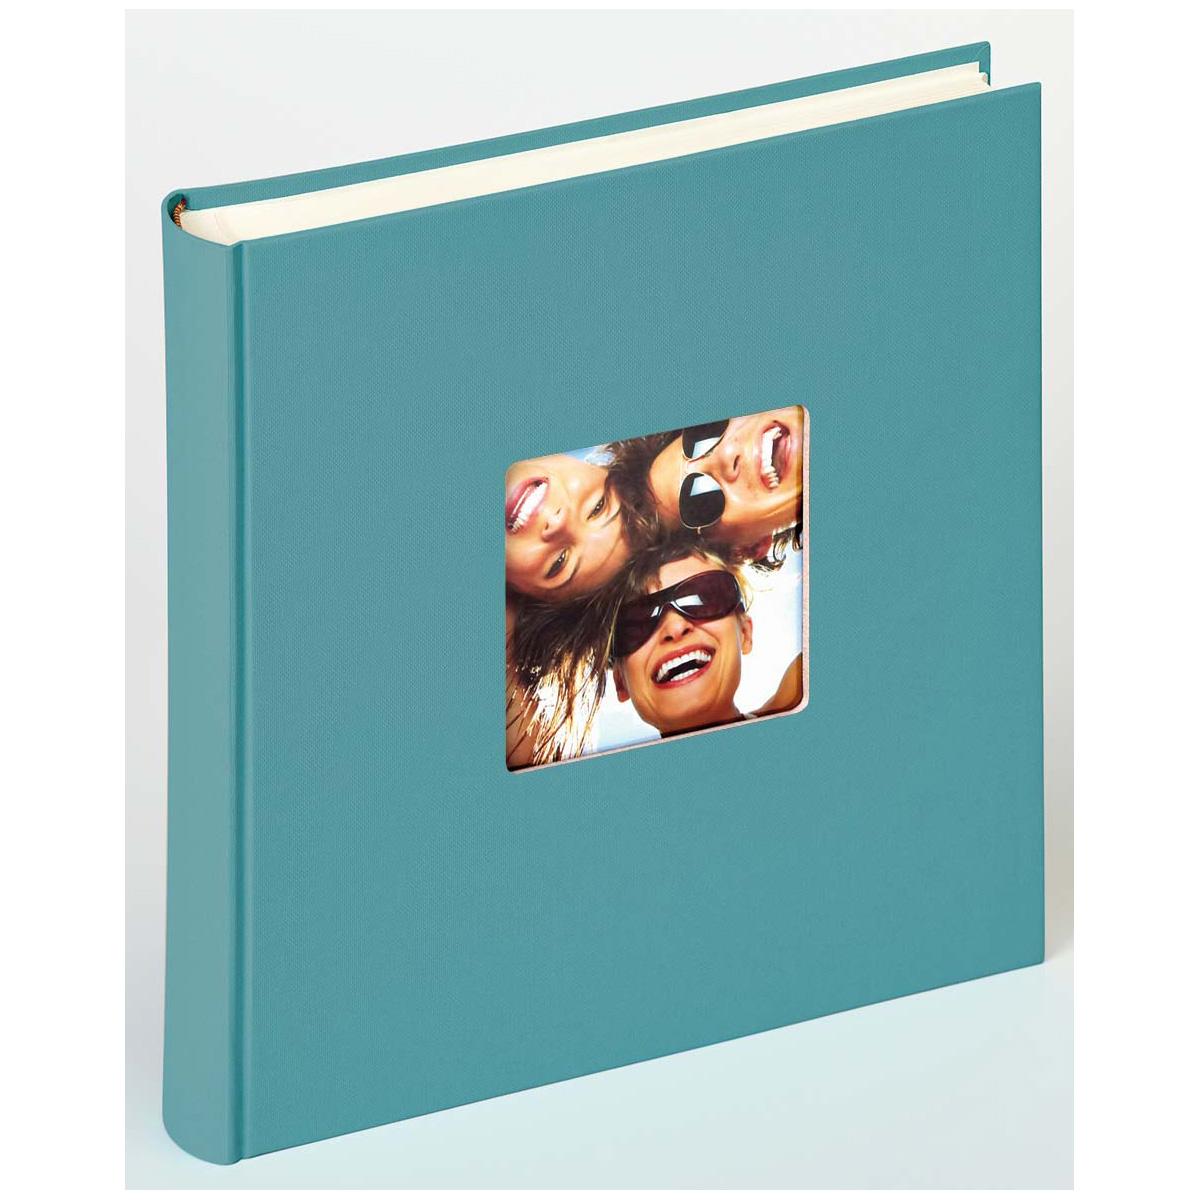 Buchalbum Fun mit 100 Seiten, 30x30 cm petrolgrün